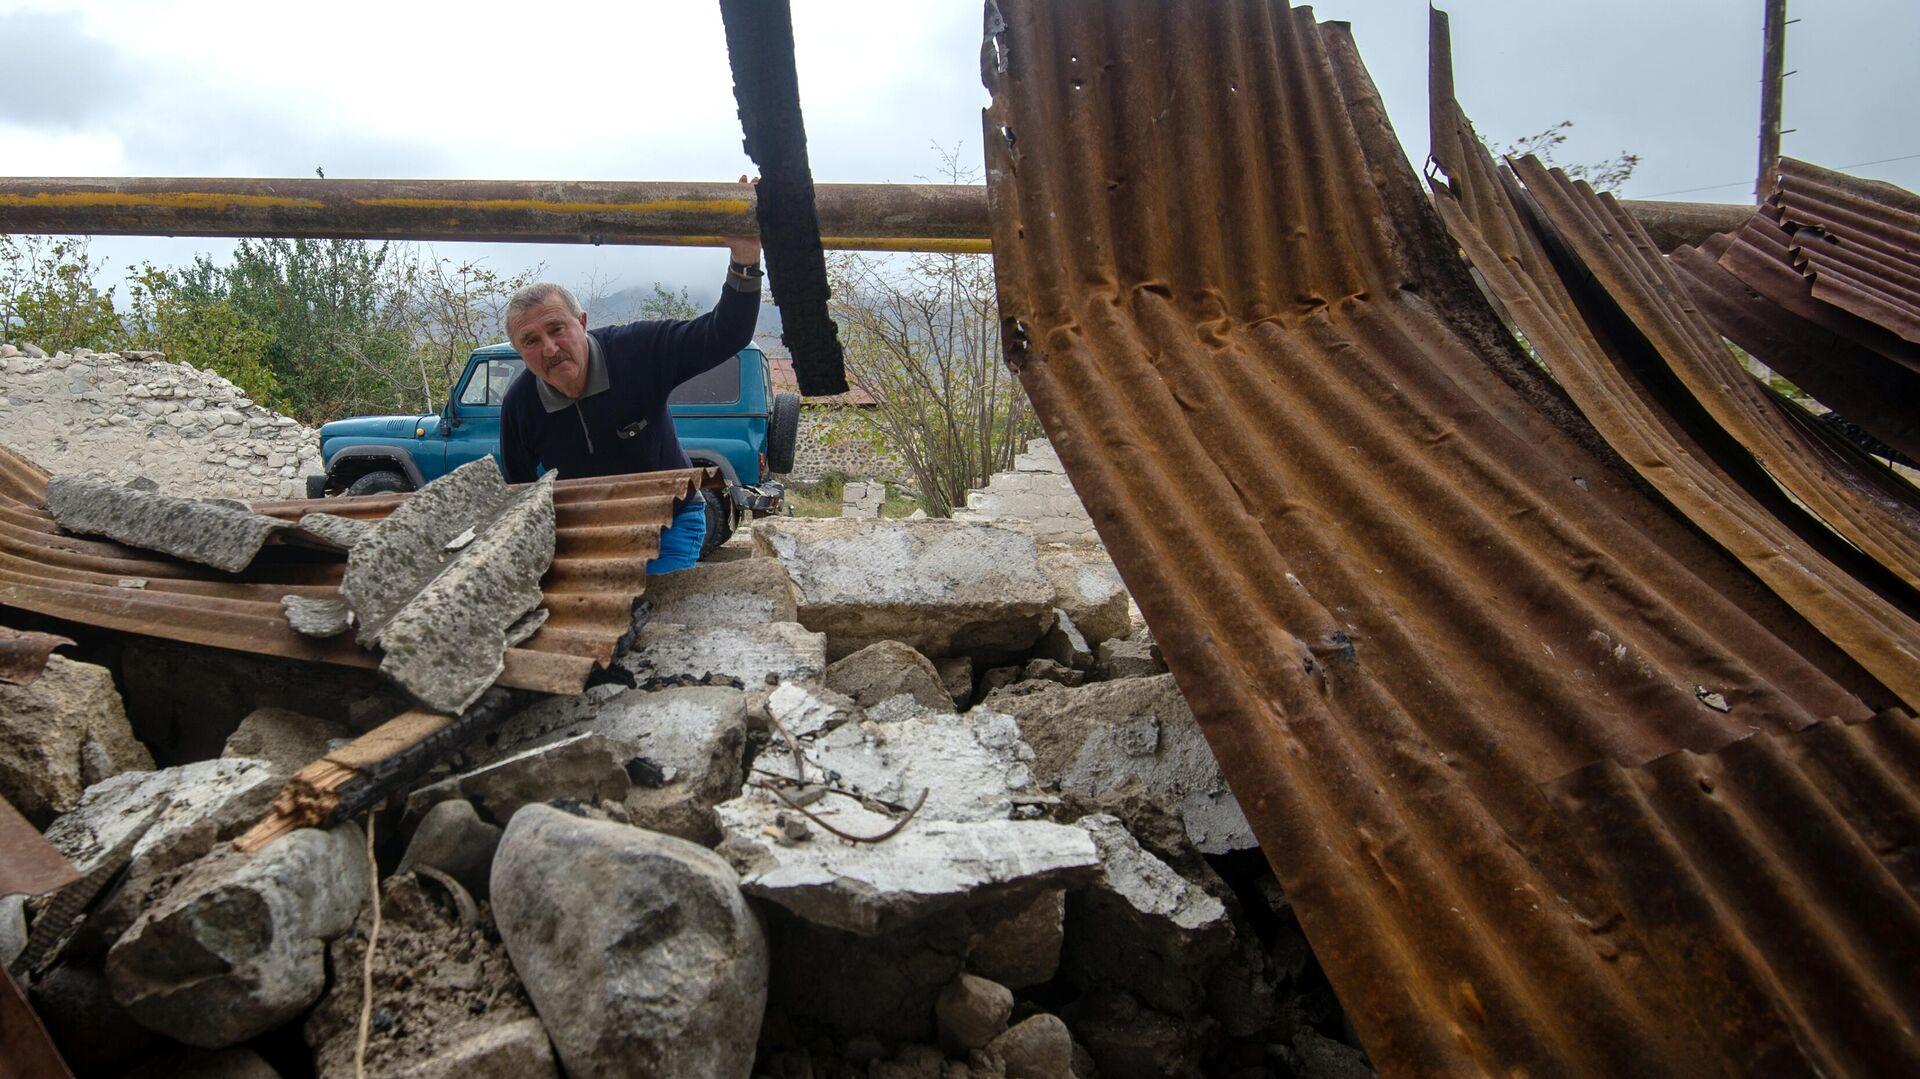 Мужчина у хозяйственной постройки, разрушенной в результате обстрела общины Иванян Нагорного Карабаха - РИА Новости, 1920, 02.10.2020